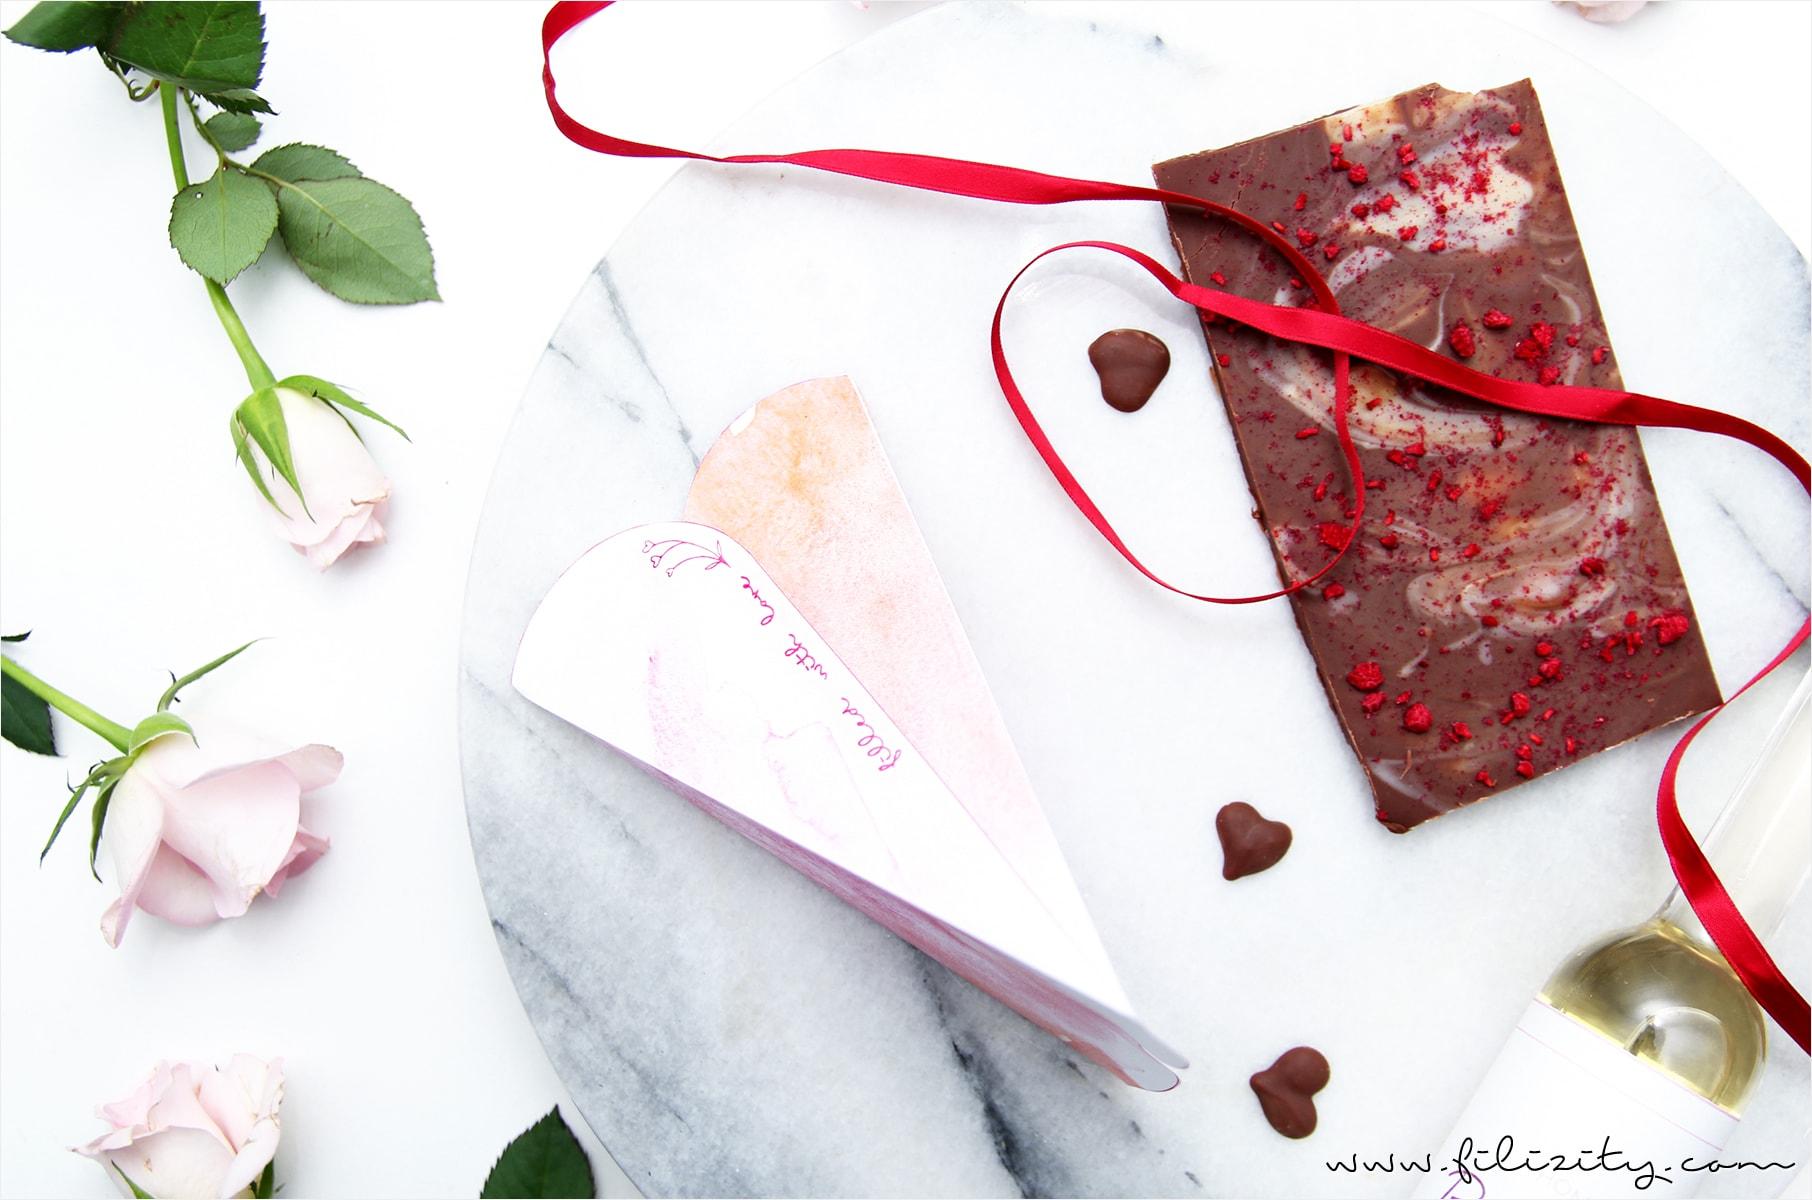 diy_geschenk-verpackung_herz-tuete_valentinstag_printable_druckvorlage1-min